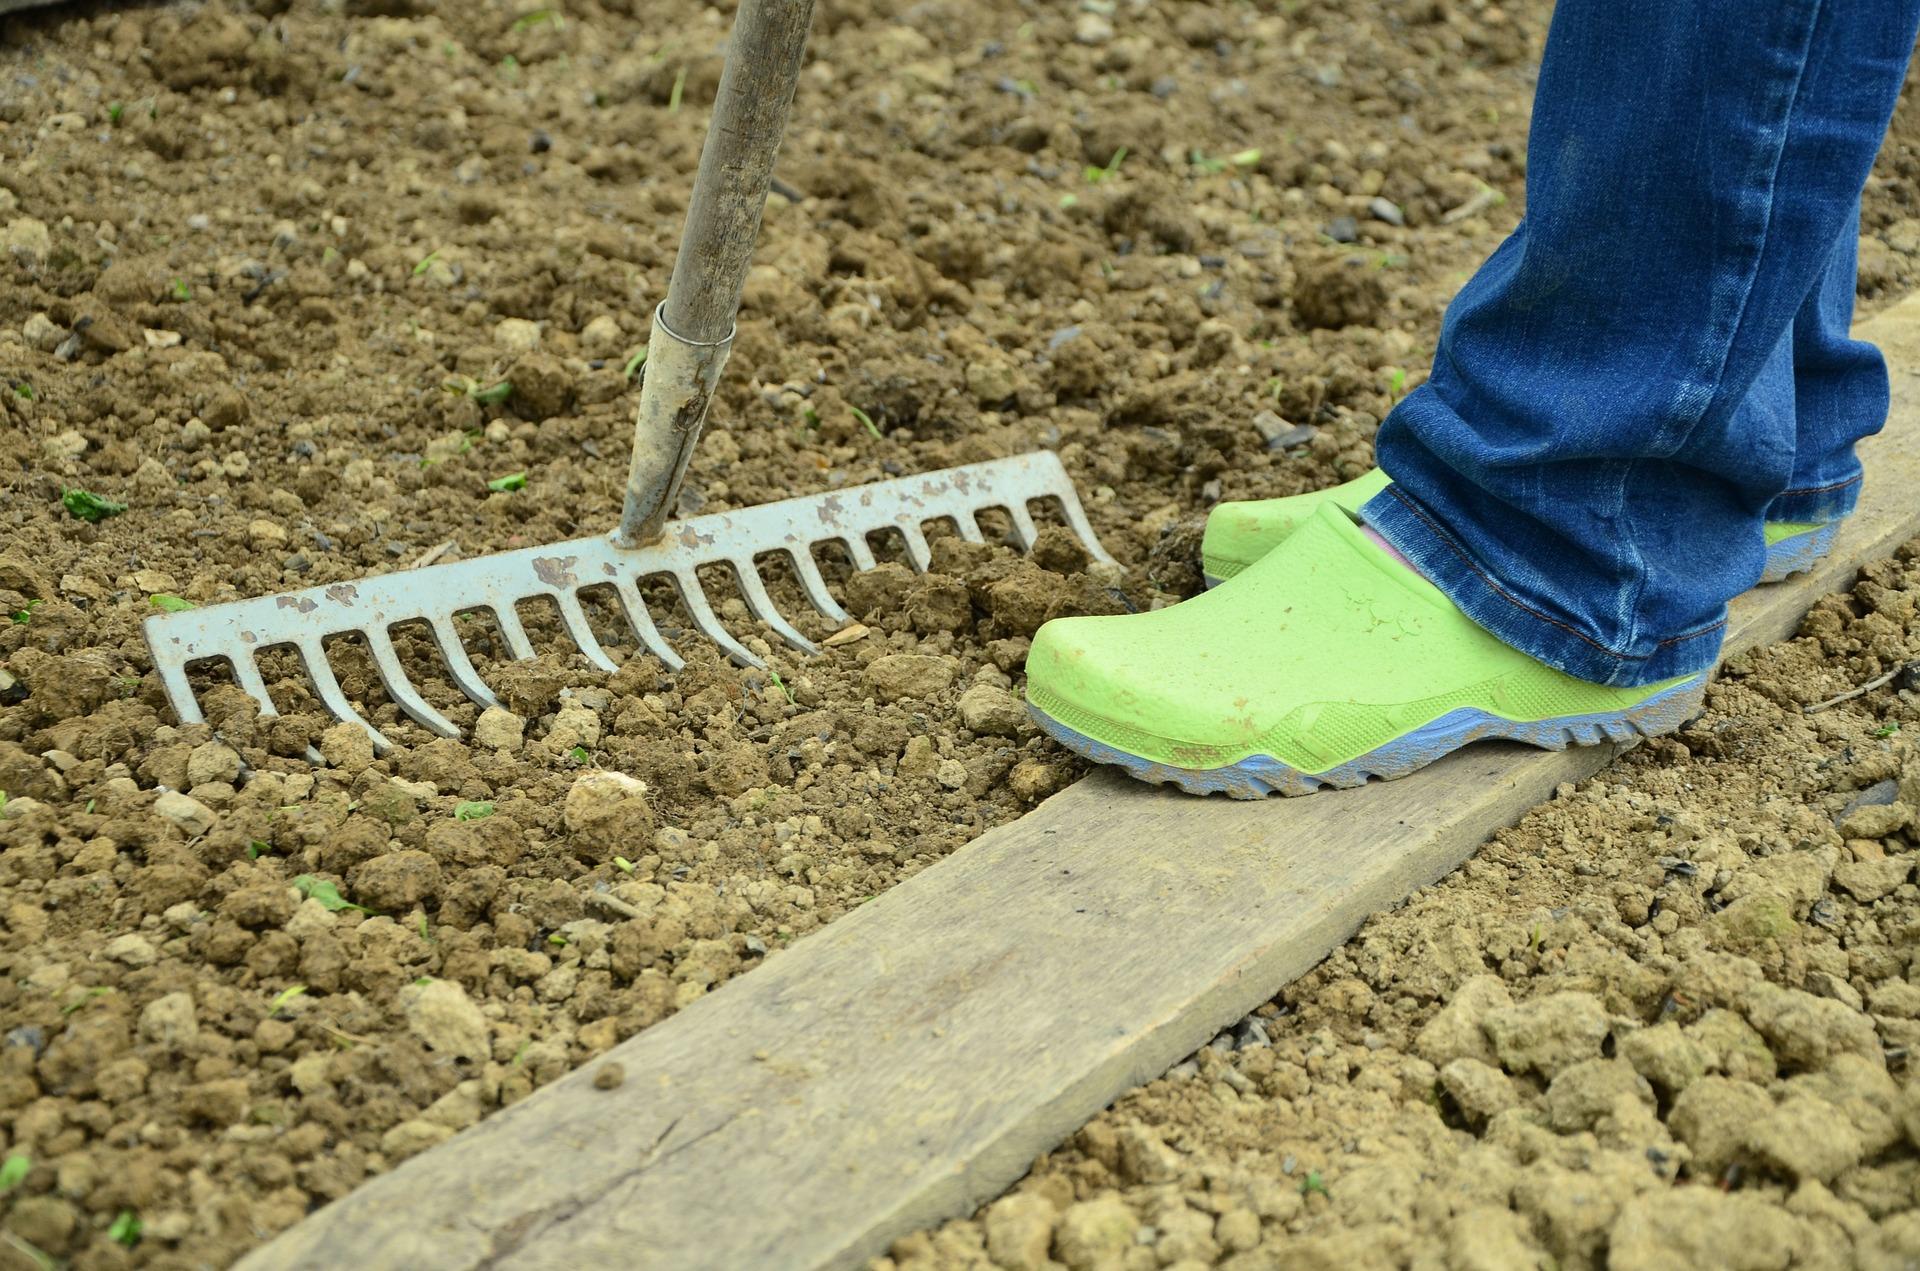 No-dig gardening is trending in UK in 2020